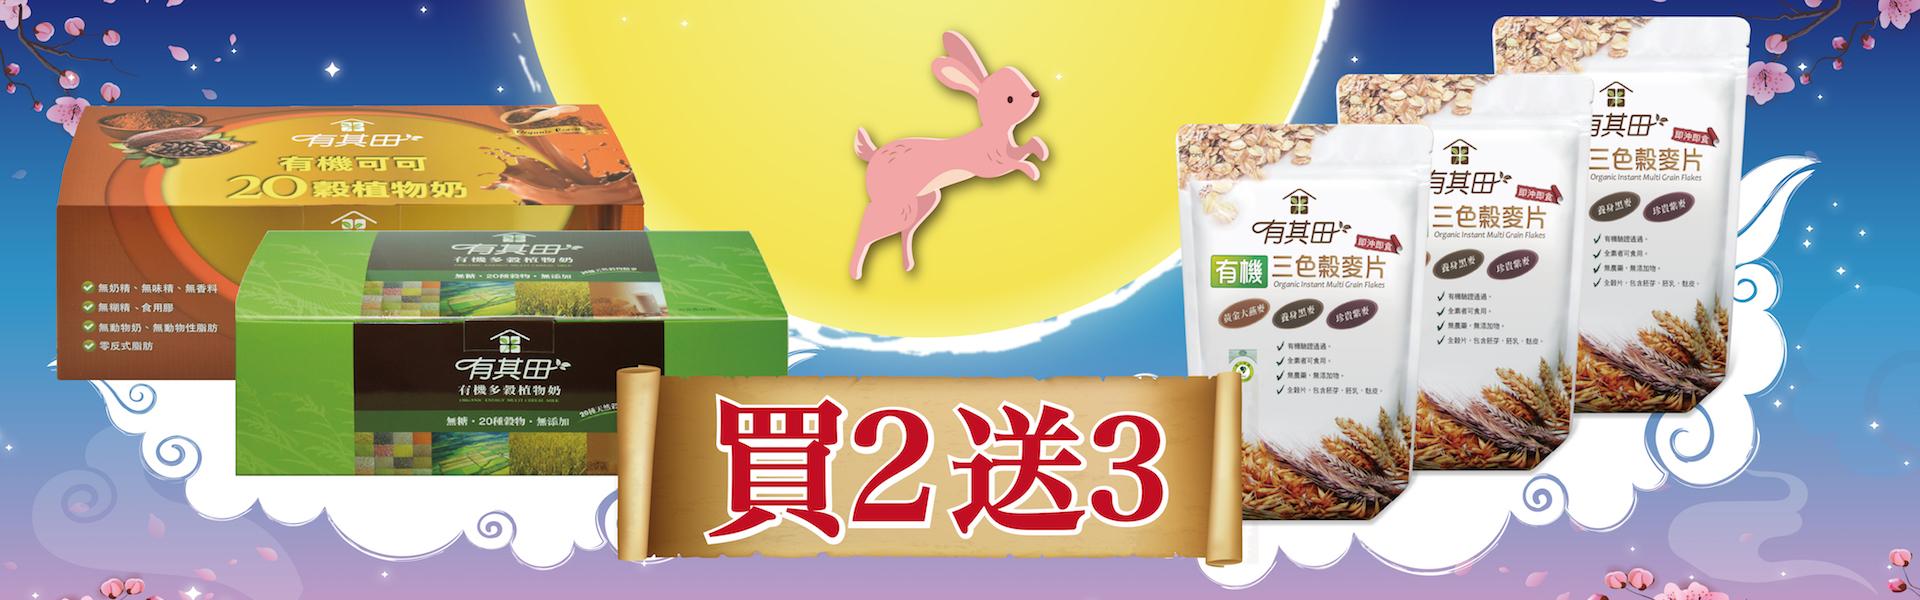 有其田慶中秋-買2送3(植物奶任選2罐,送三色榖麥片3包)